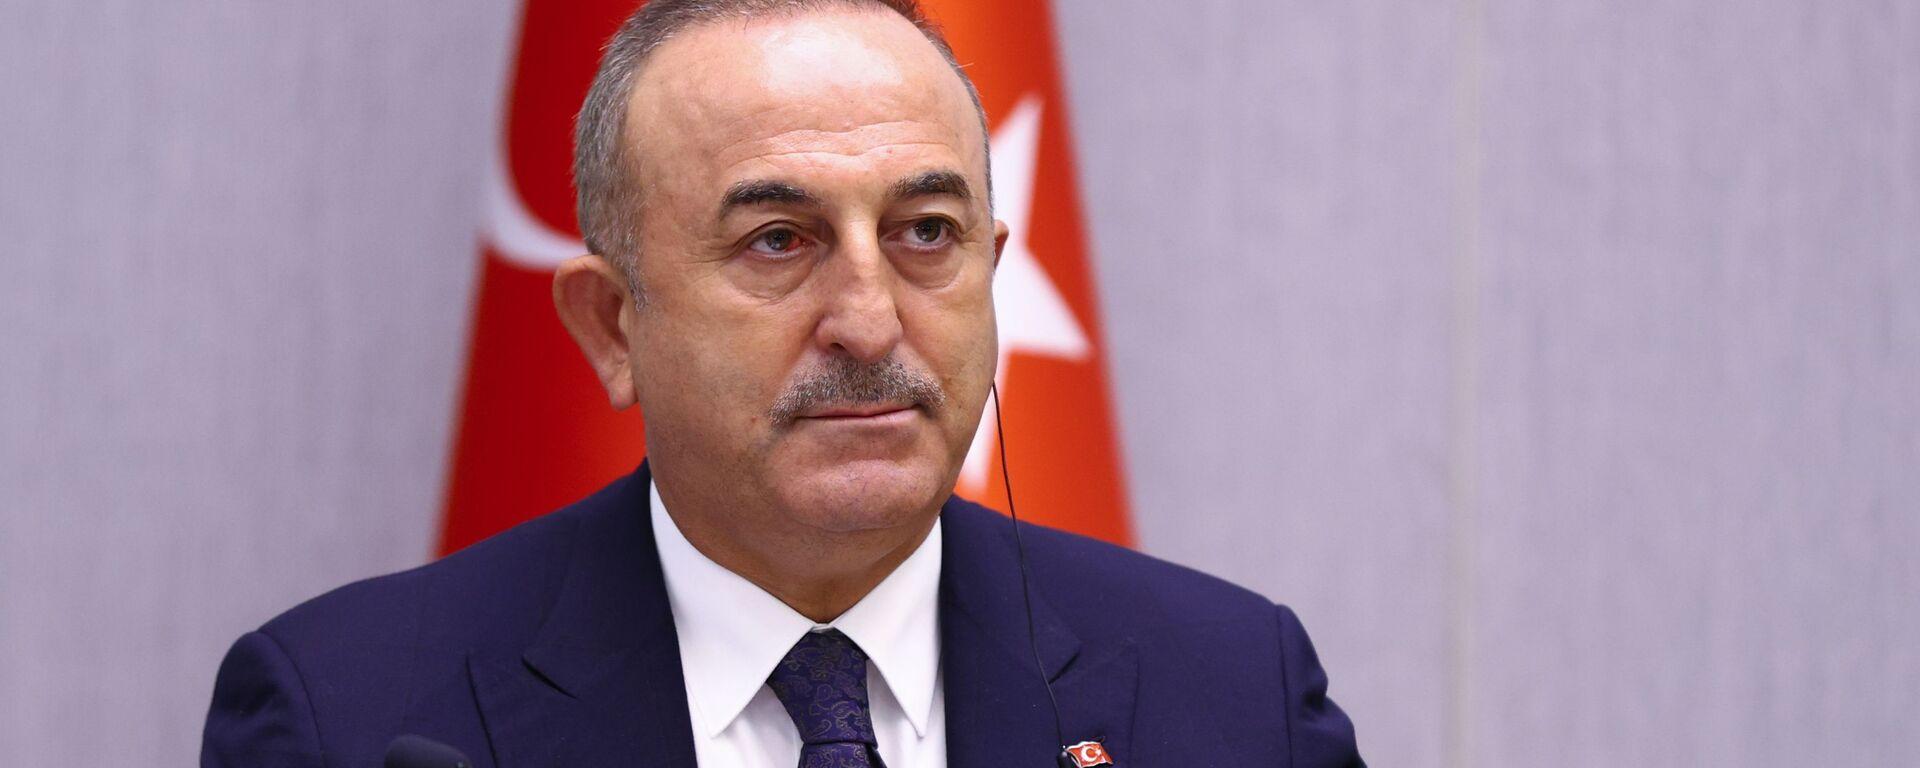 Ο Τούρκος υπουργός Εξωτερικών Μεβλούτ Τσαβούσογλου - Sputnik Ελλάδα, 1920, 18.09.2021